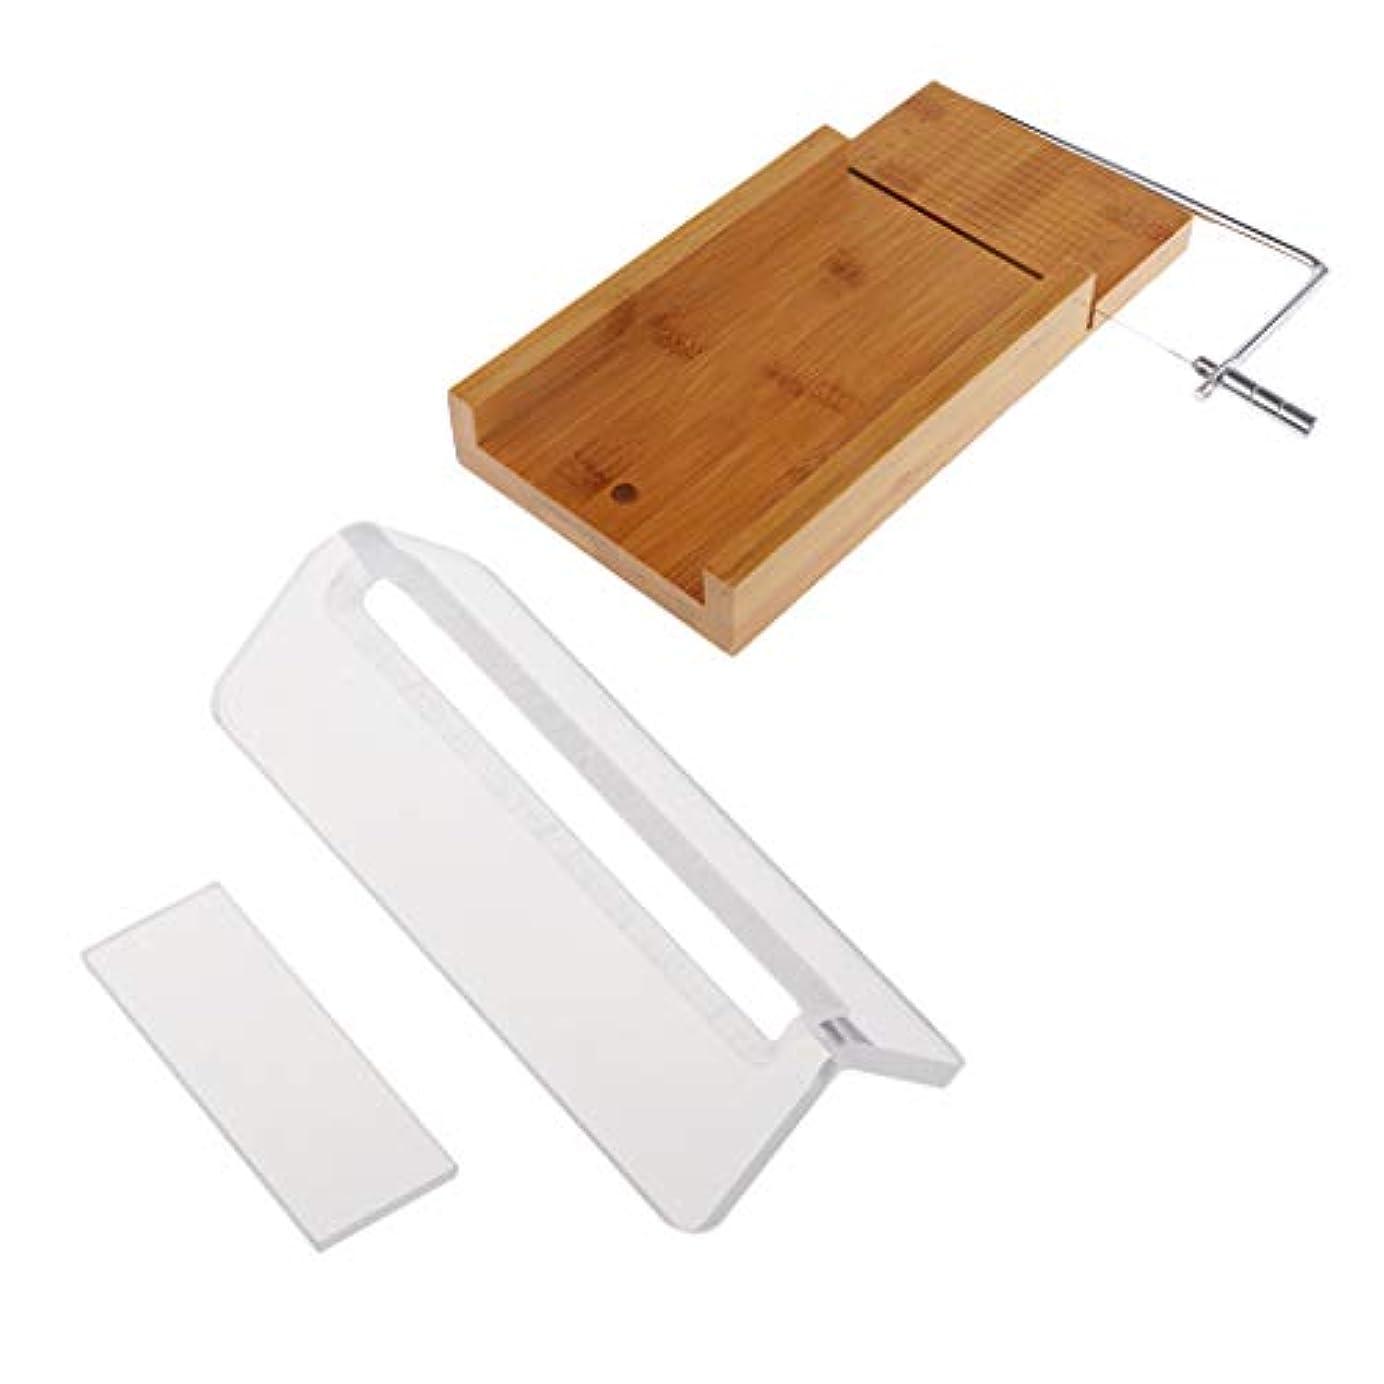 ロイヤリティ圧力合唱団石鹸カッター 木製 ローフカッター チーズカッター ソープカッター ステンレス鋼線 2個入り